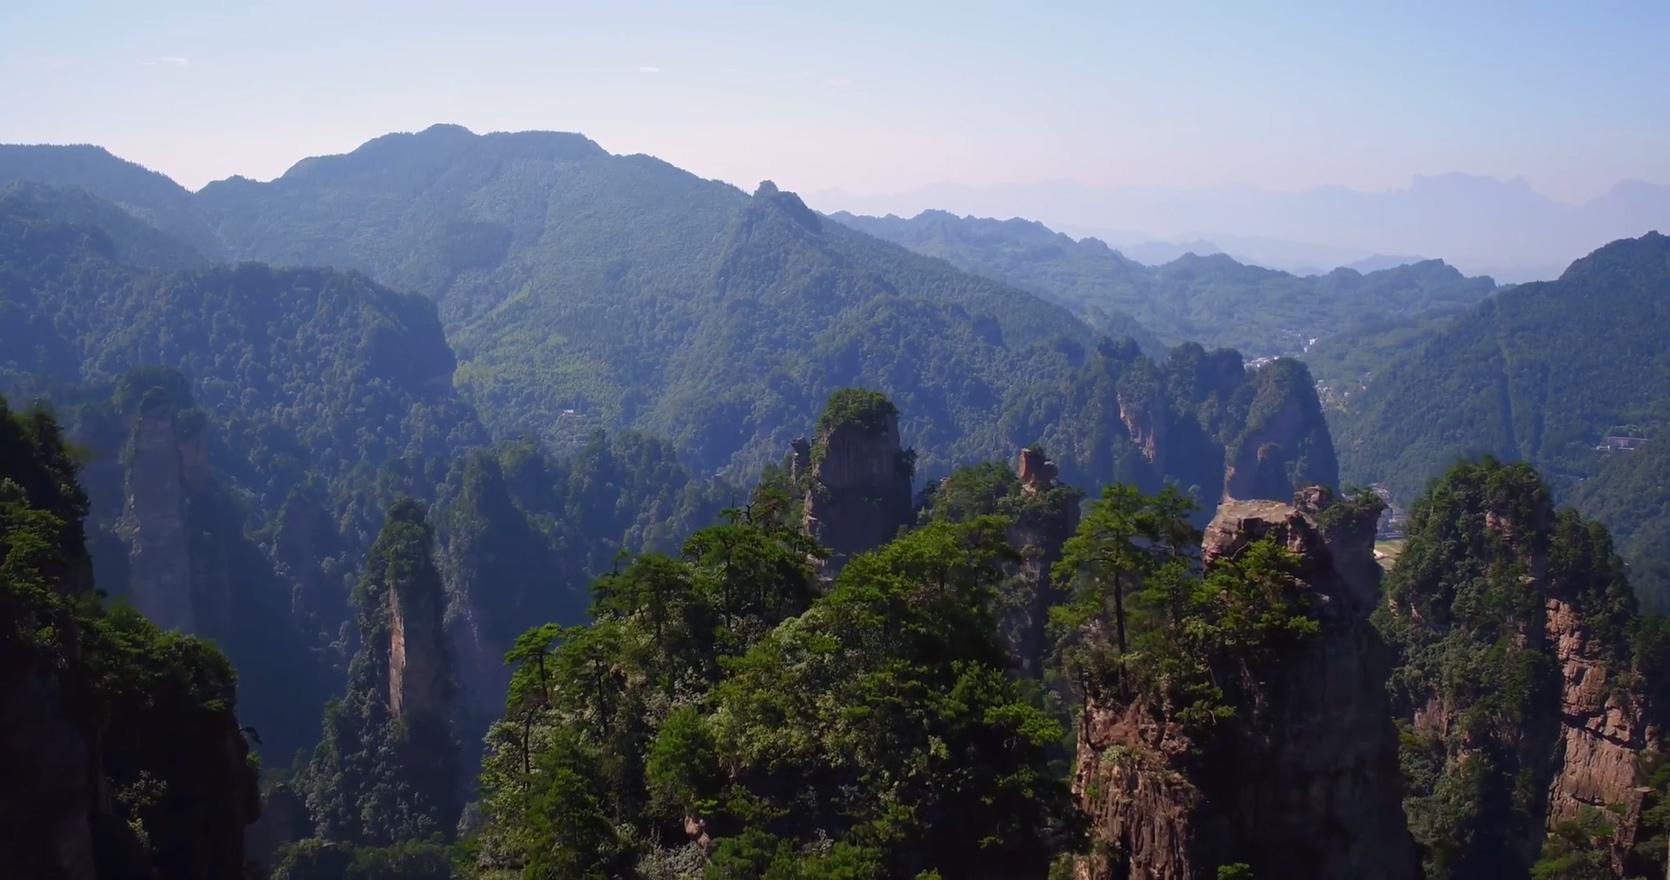 航拍优美的湖南张家界武陵源峰林高清视频素材